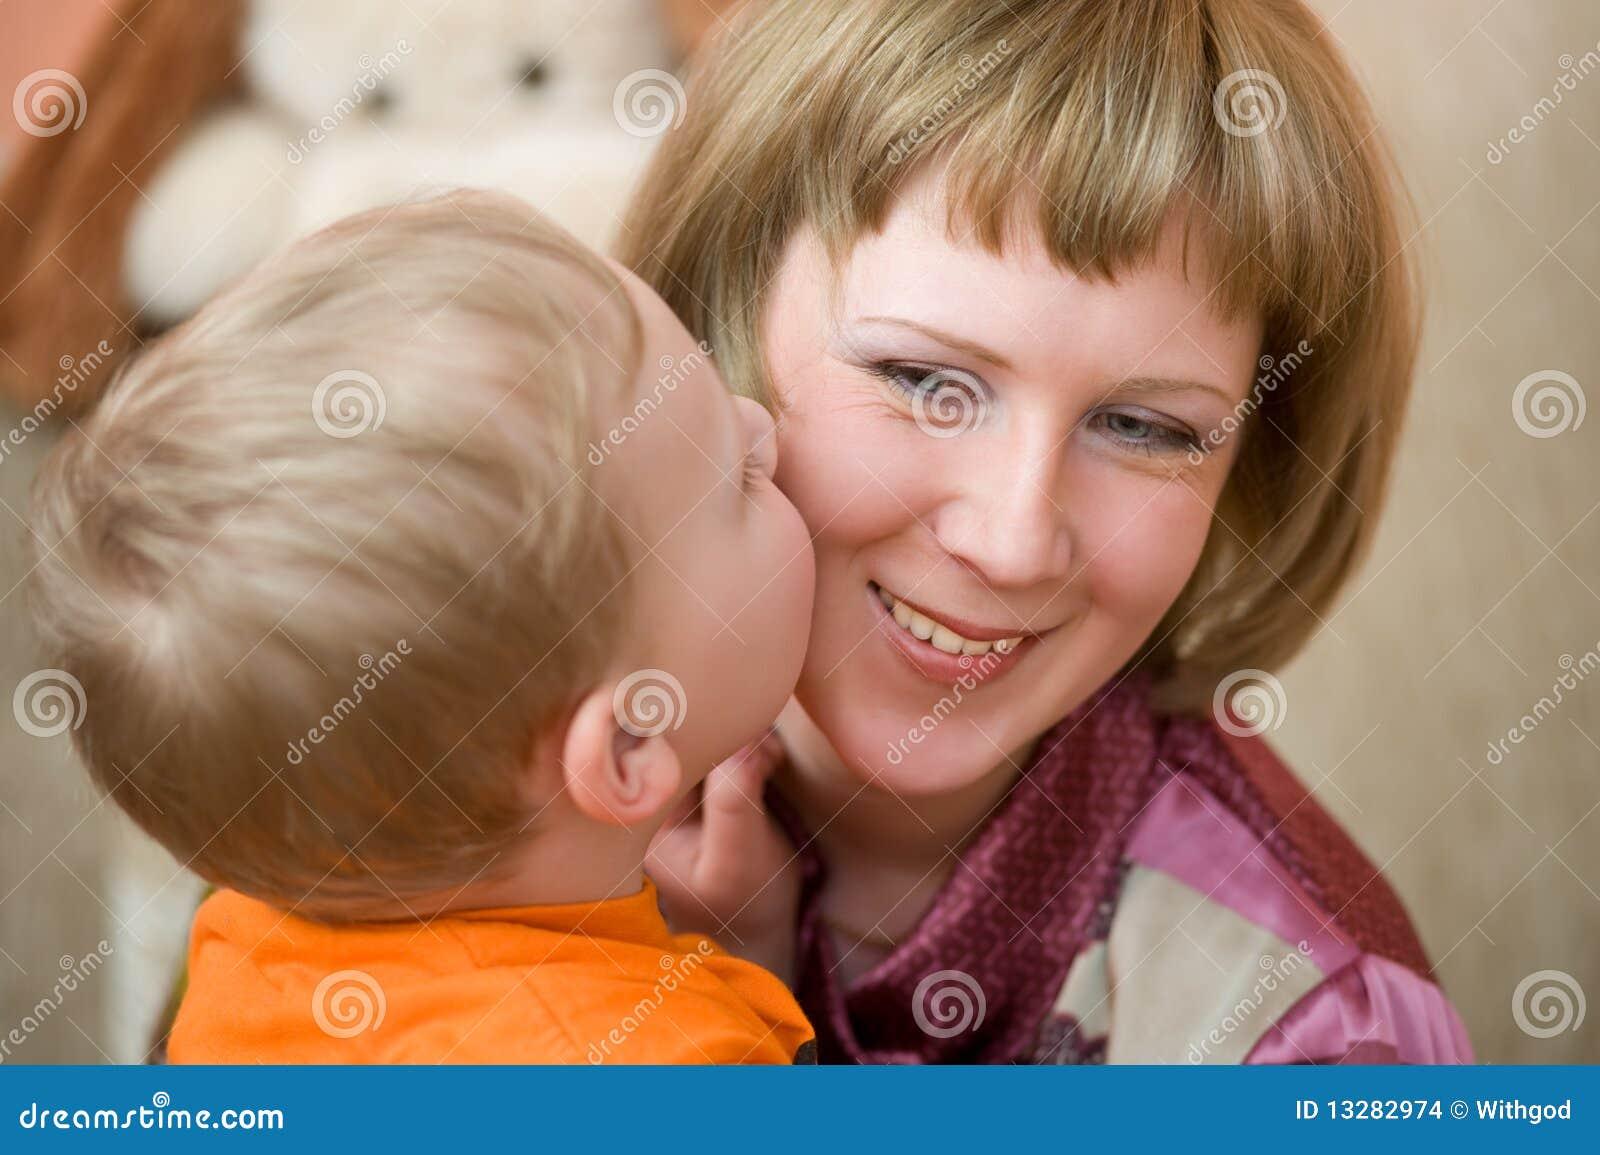 Соврат сына мамы 16 фотография